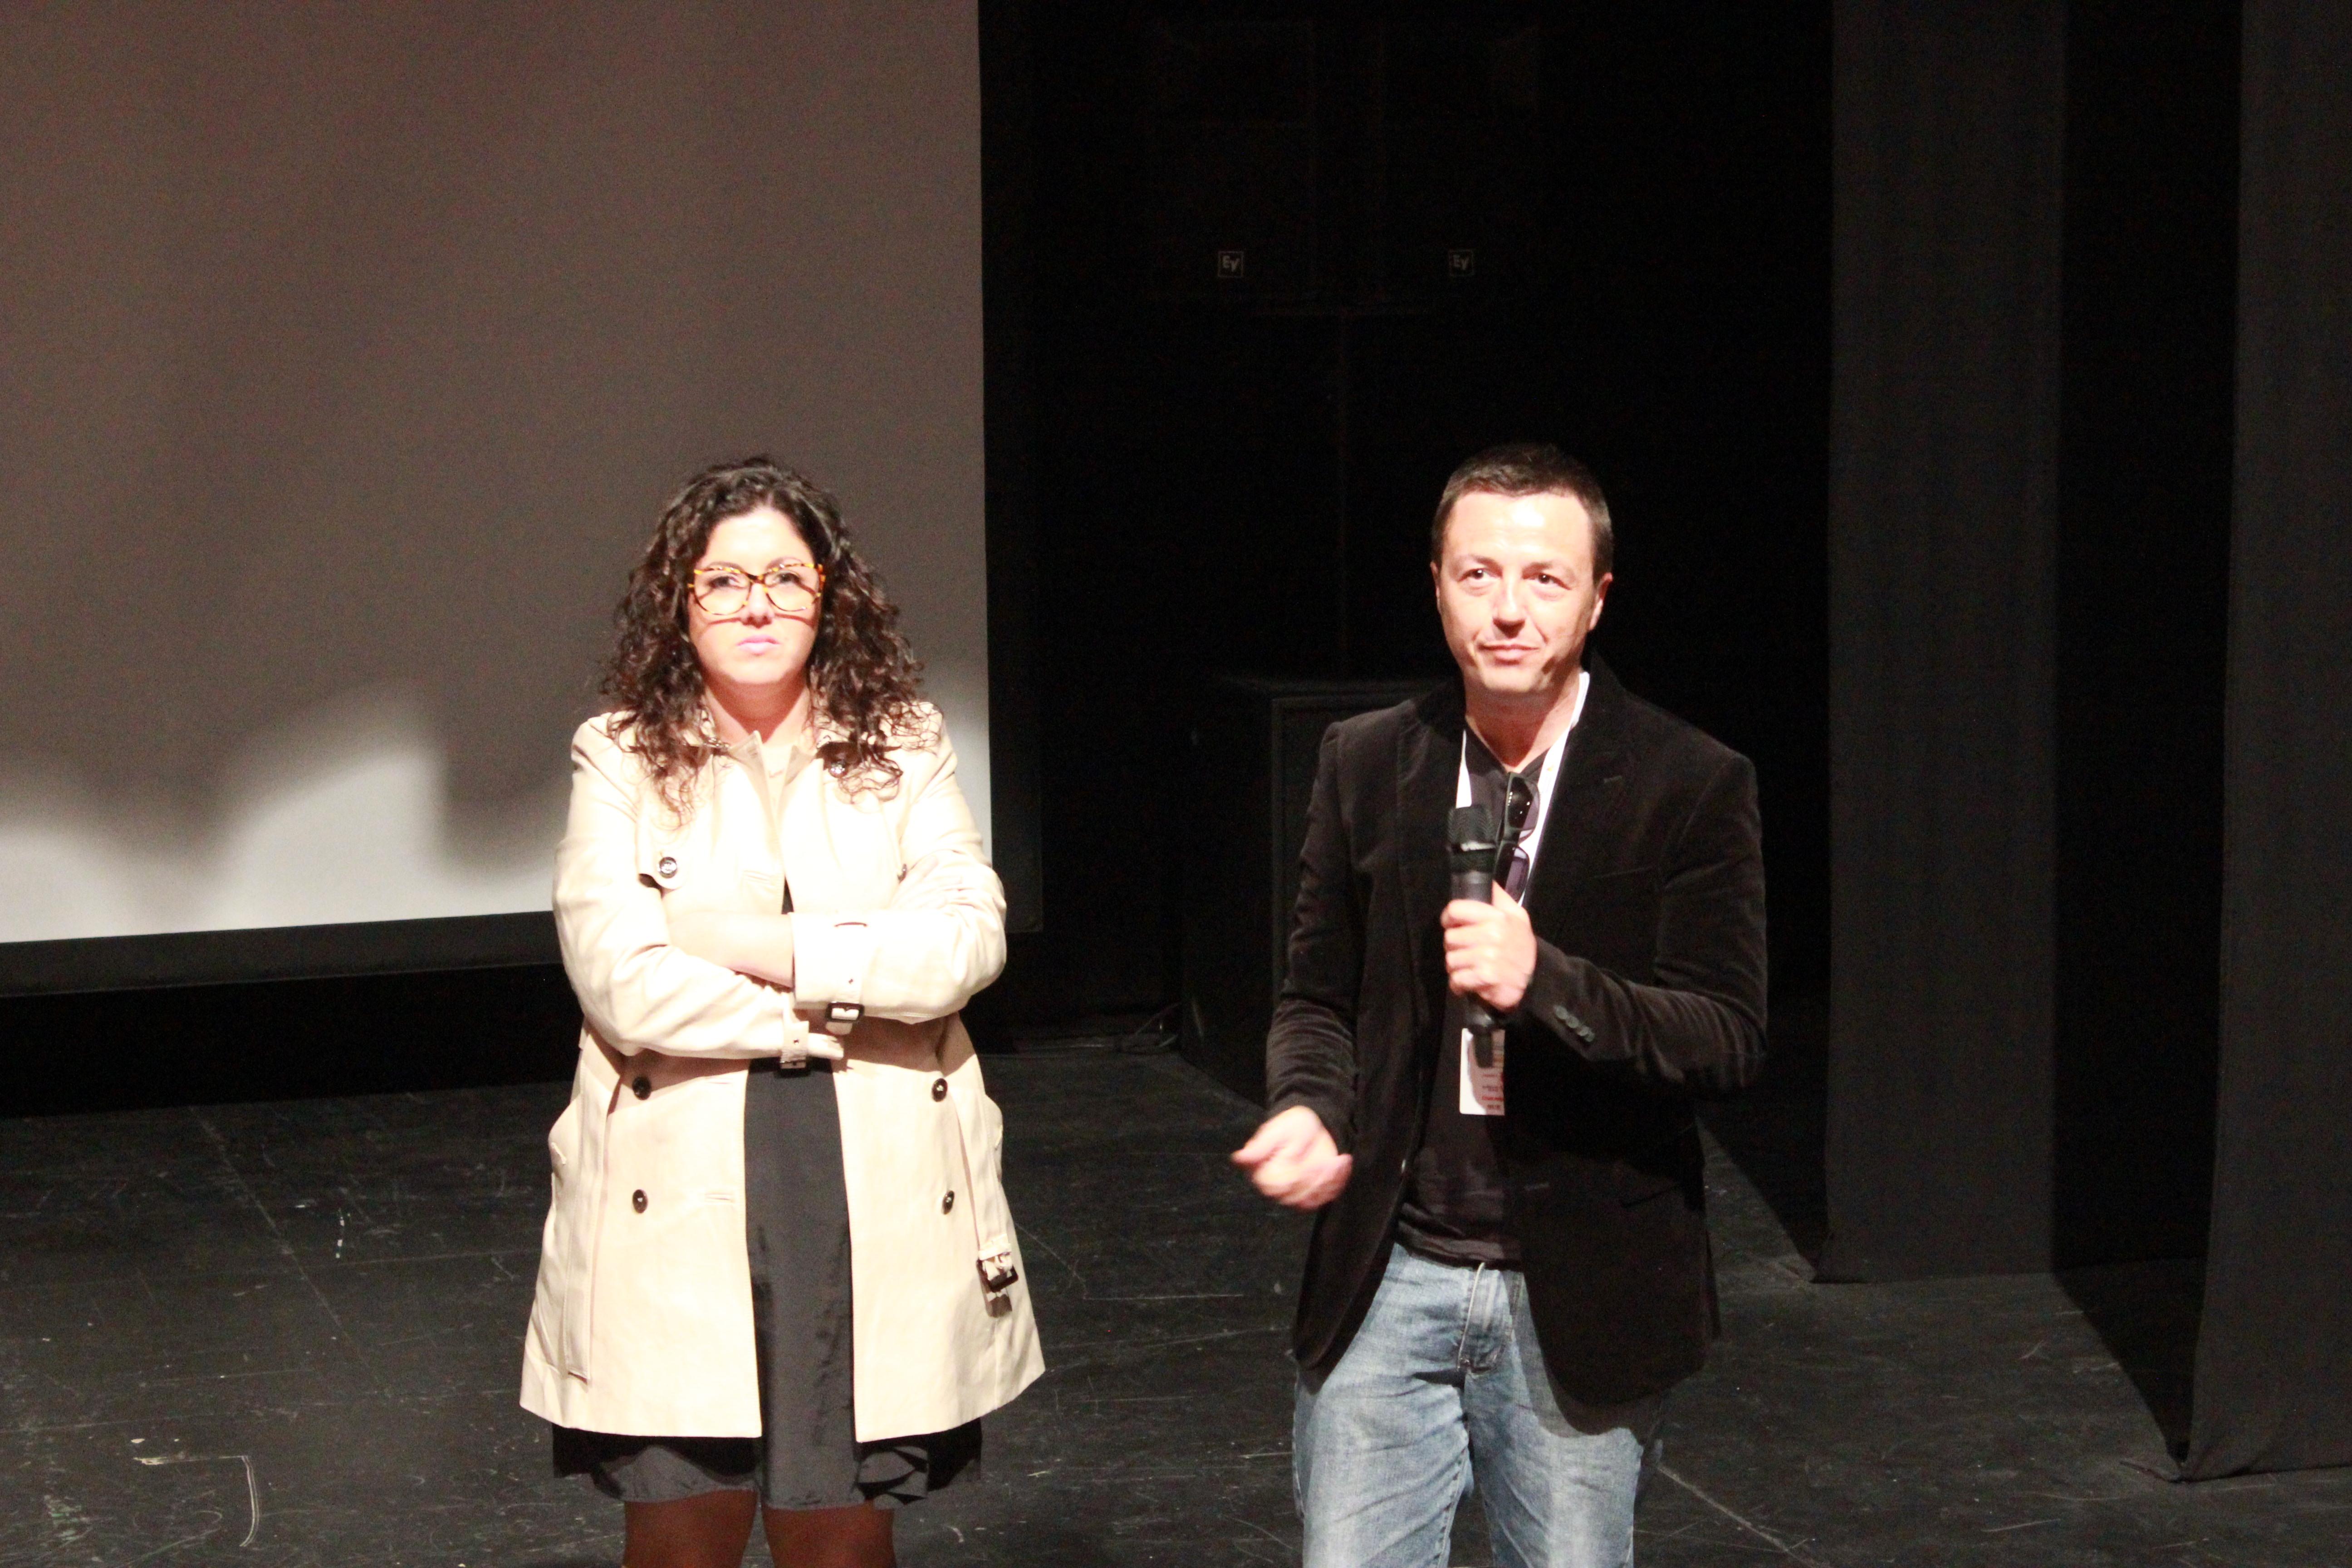 El director de @gora, en la tribuna #15M que se produjo después de la visualización del documental.